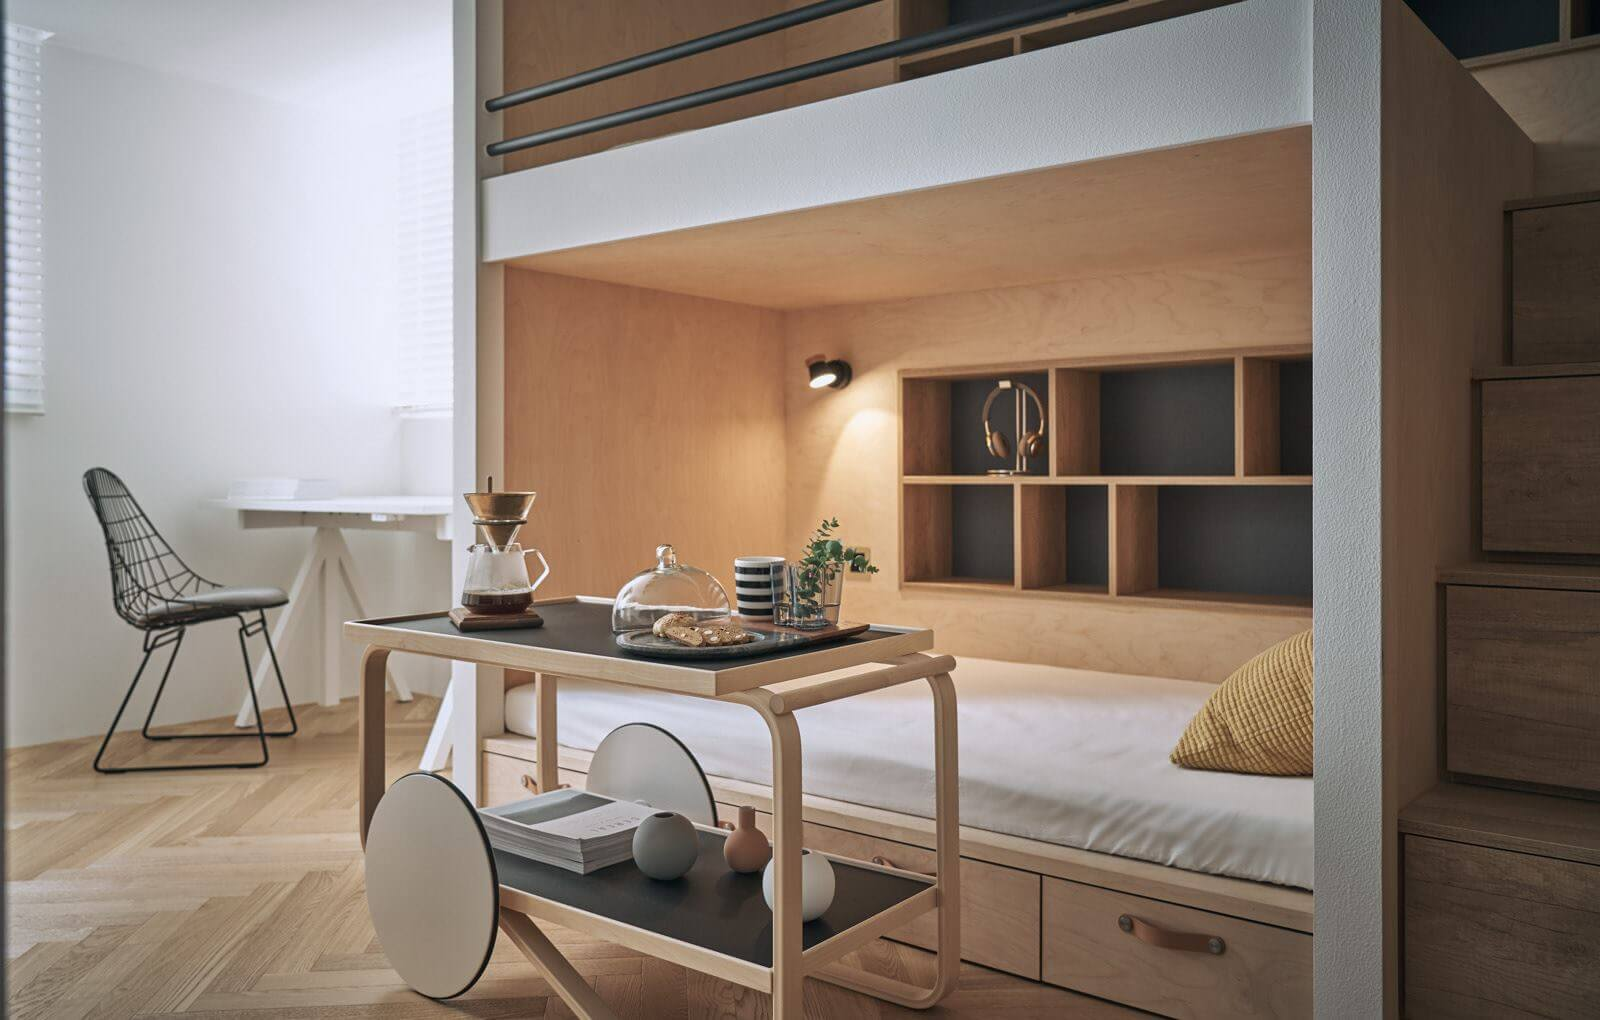 У каждого спального места предусмотрены выдвижные ящики и встроенные ниши для хранения вещей